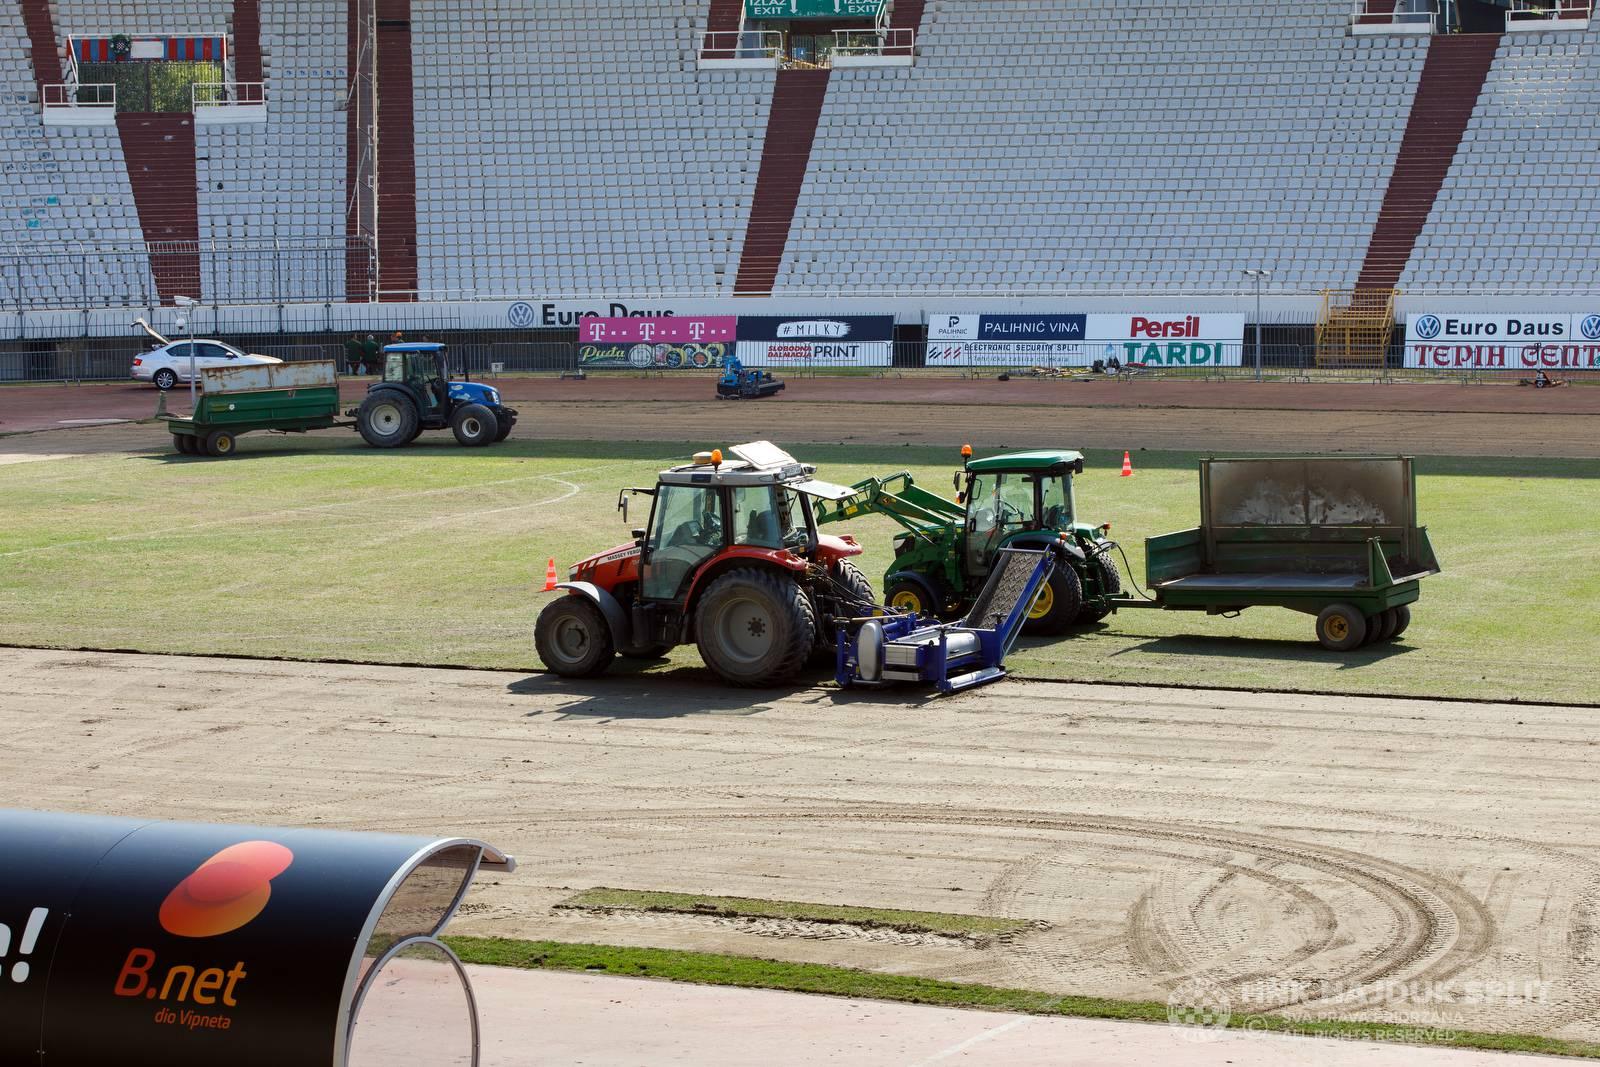 Možda to pomogne: Mijenja se oštećeni travnjak na Poljudu...